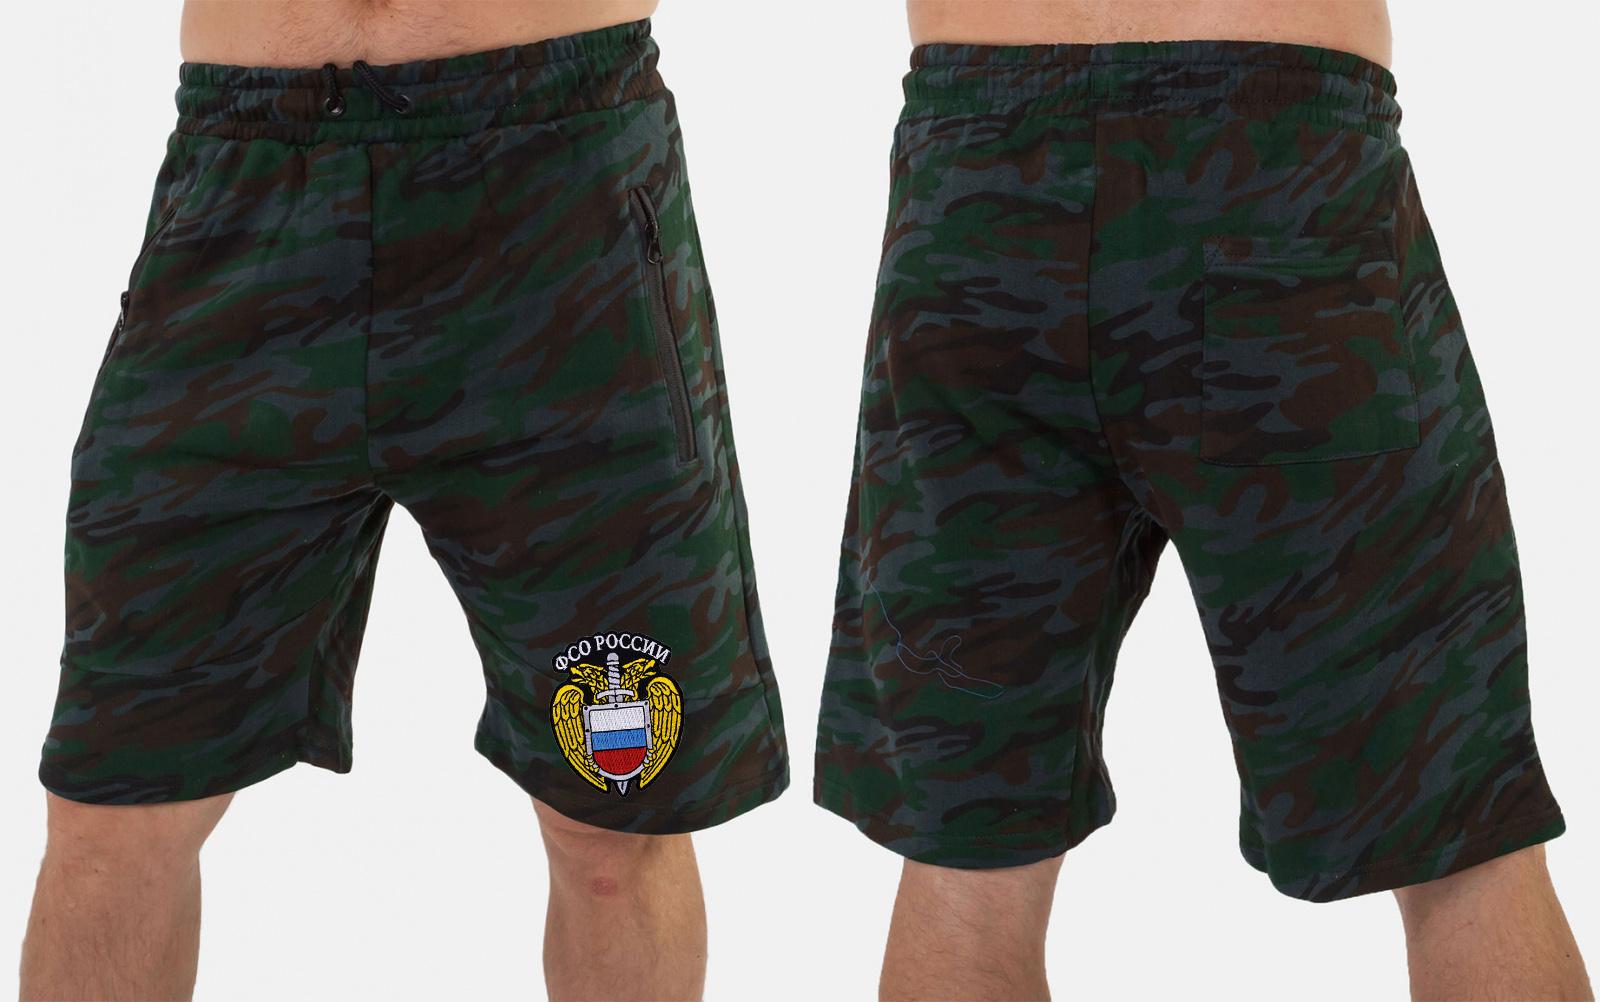 Крутые мужские шорты в армейском камуфляже купить в подарок